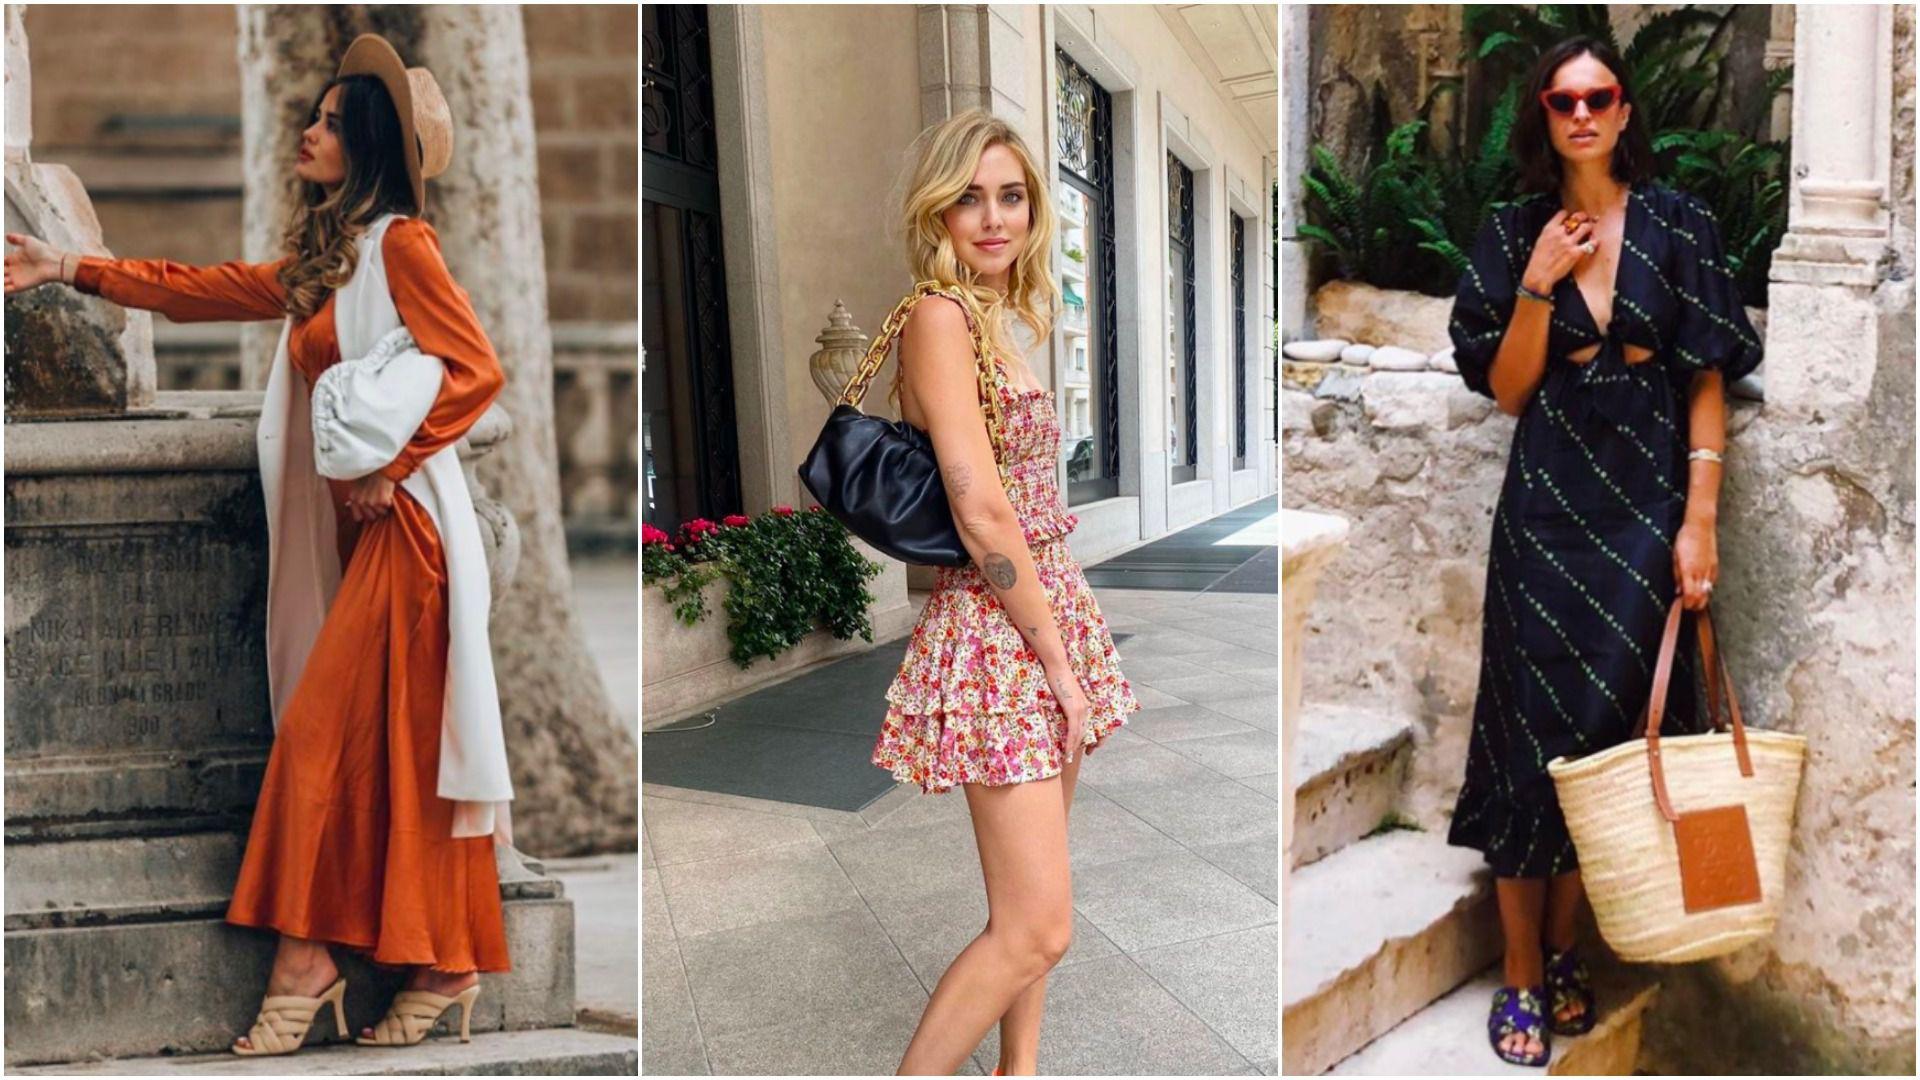 Bottega Veneta i Loewe najpopularniji su brendovi čije cipele i modne dodatke svi žele u svojoj kolekciji